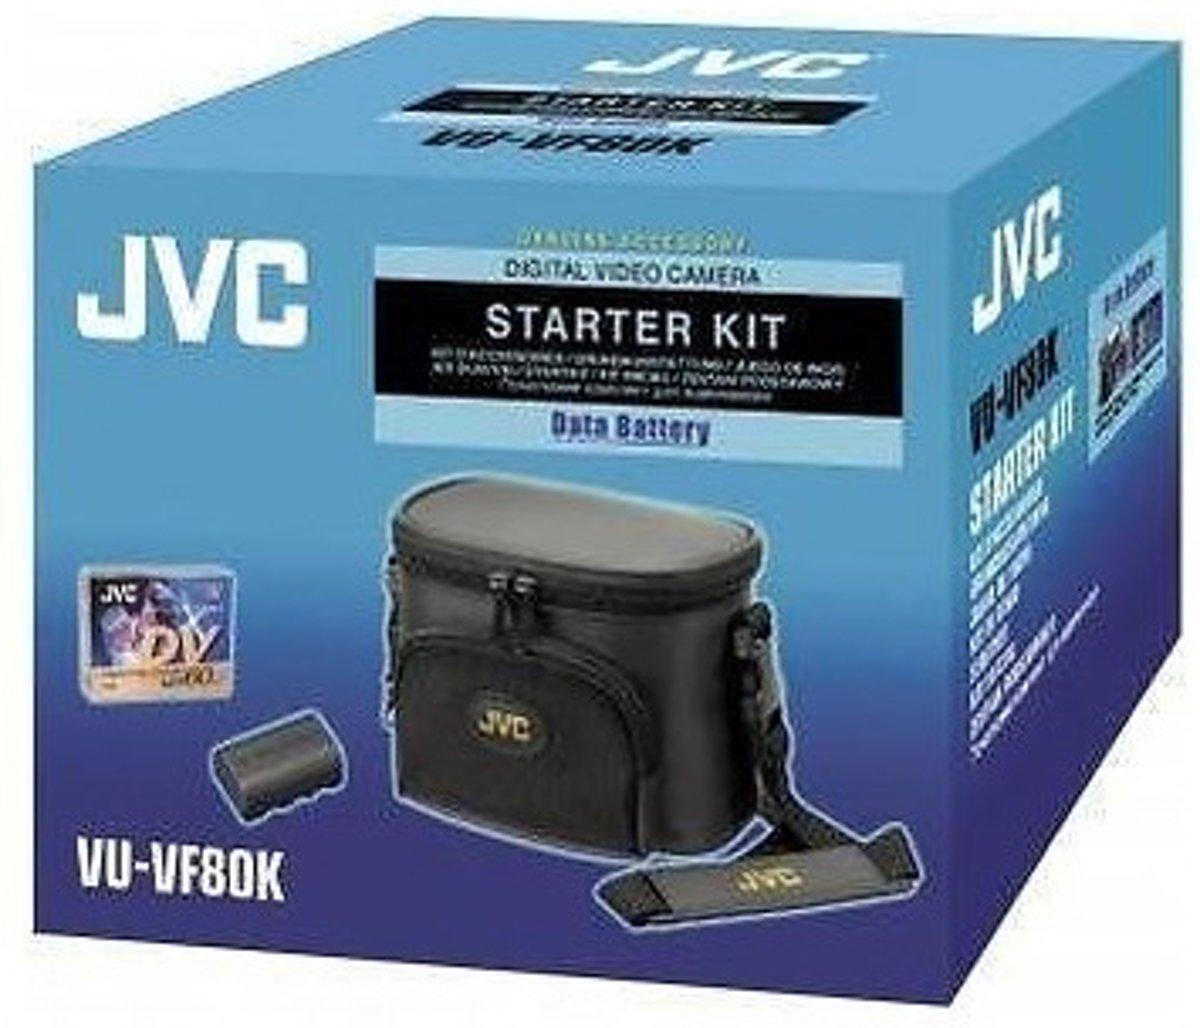 JVC VU-VF80 Starter Kit kopen